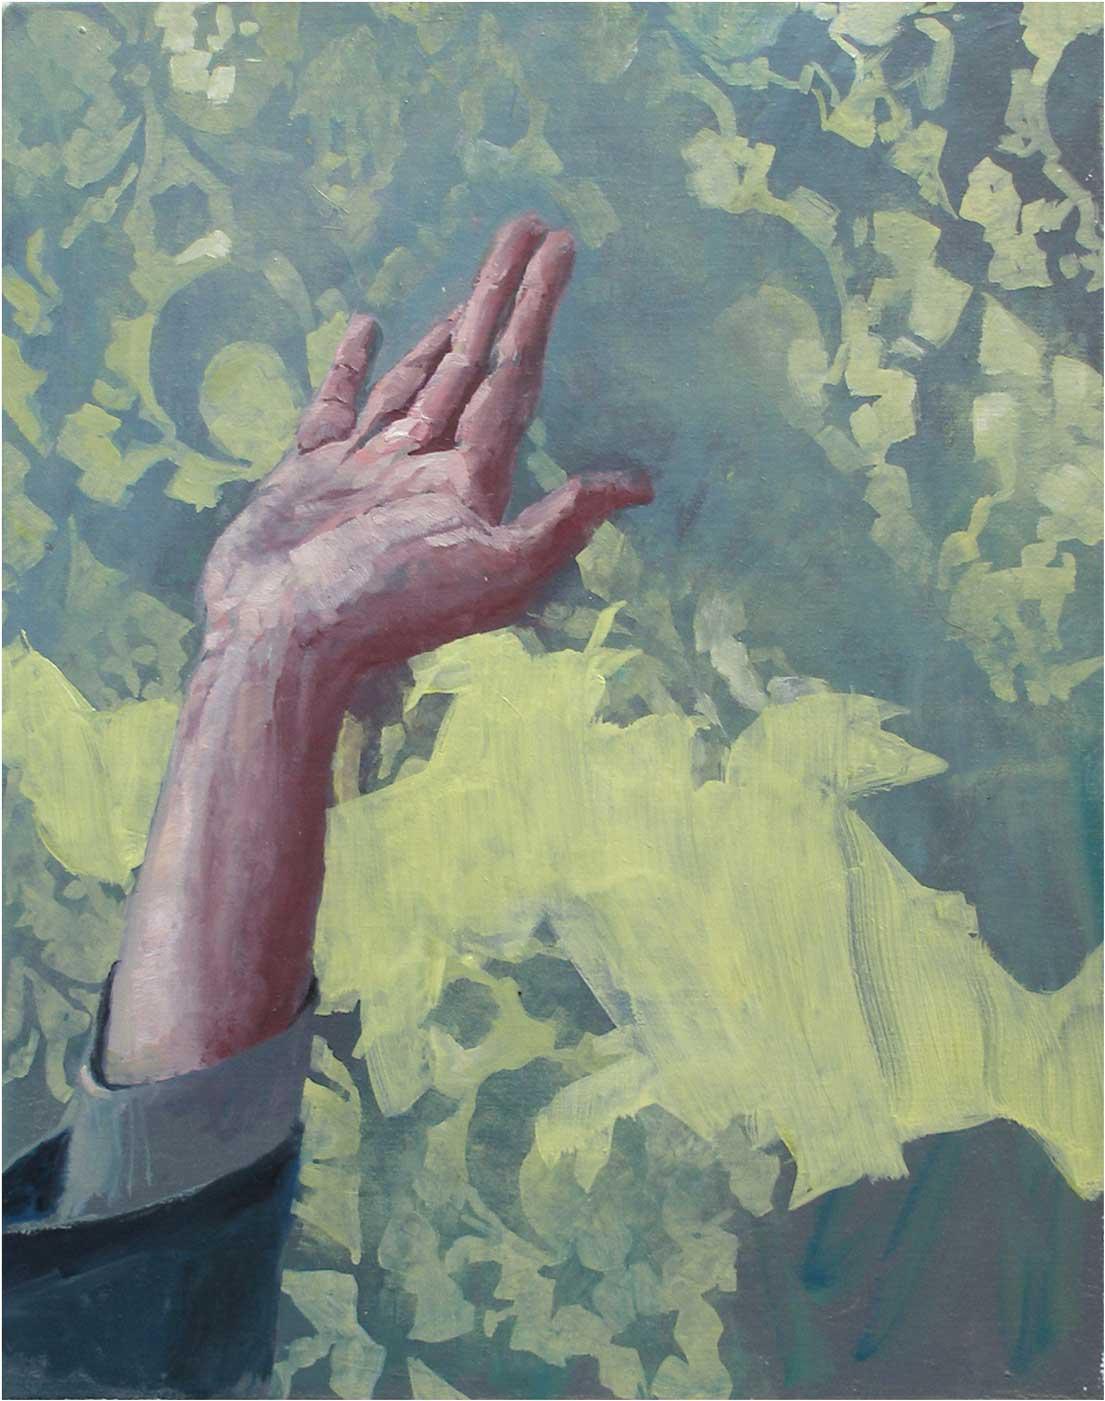 Gruss, 50 x 40 cm, Öl/Lwd., 2016